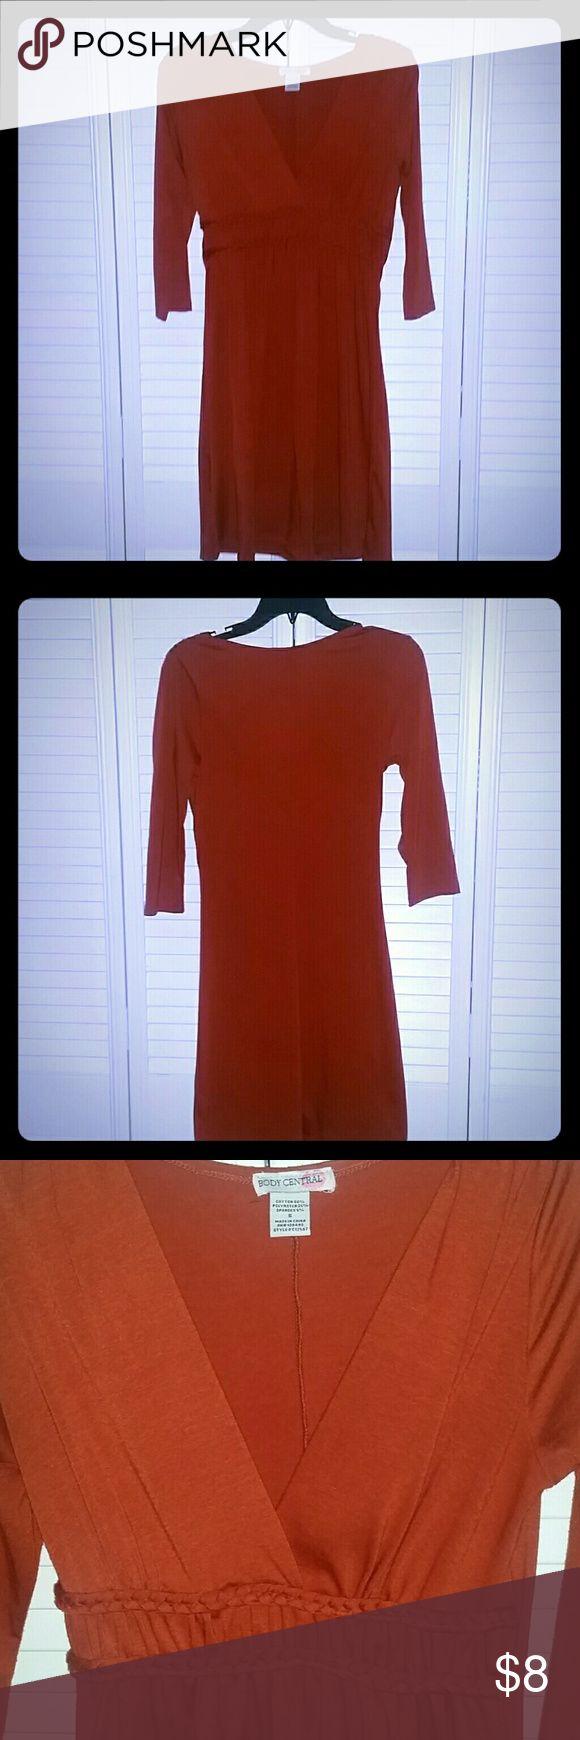 Body Central Dress Body Central burnt orange dress. Body Central Dresses